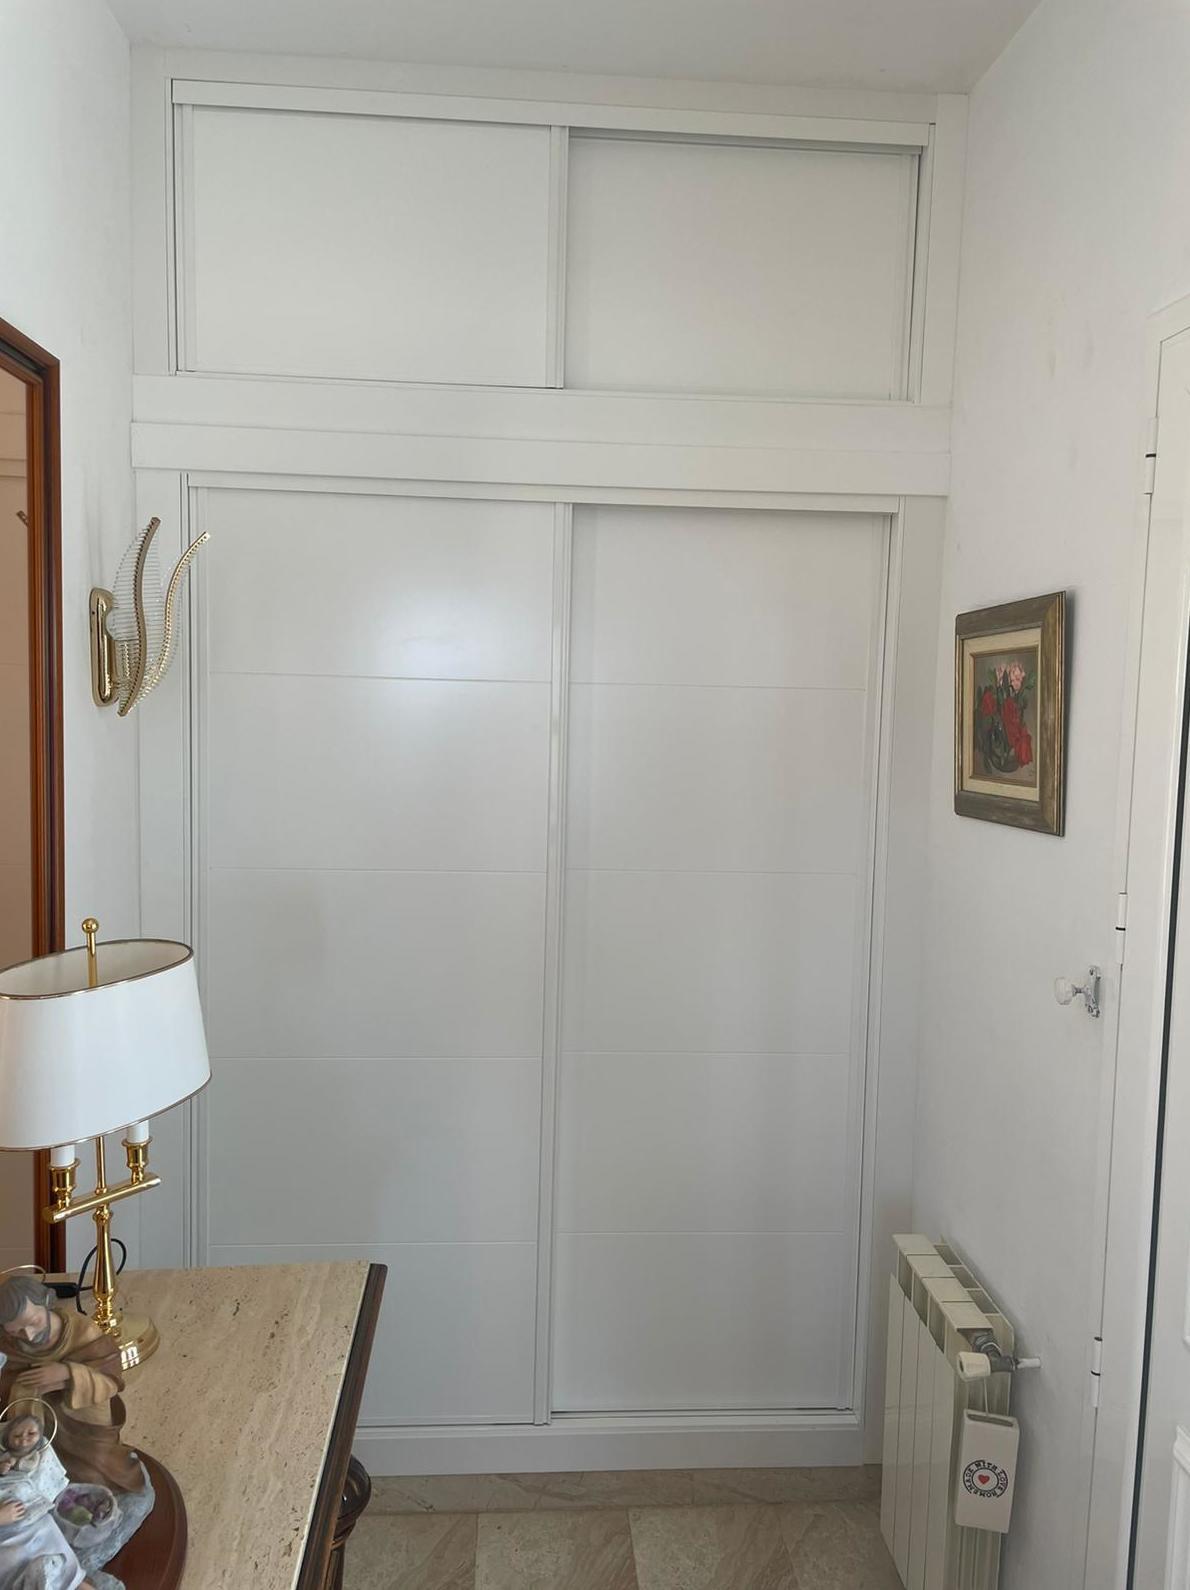 Recibidor lacado blanco modelo 4 rayas con puertas correderas